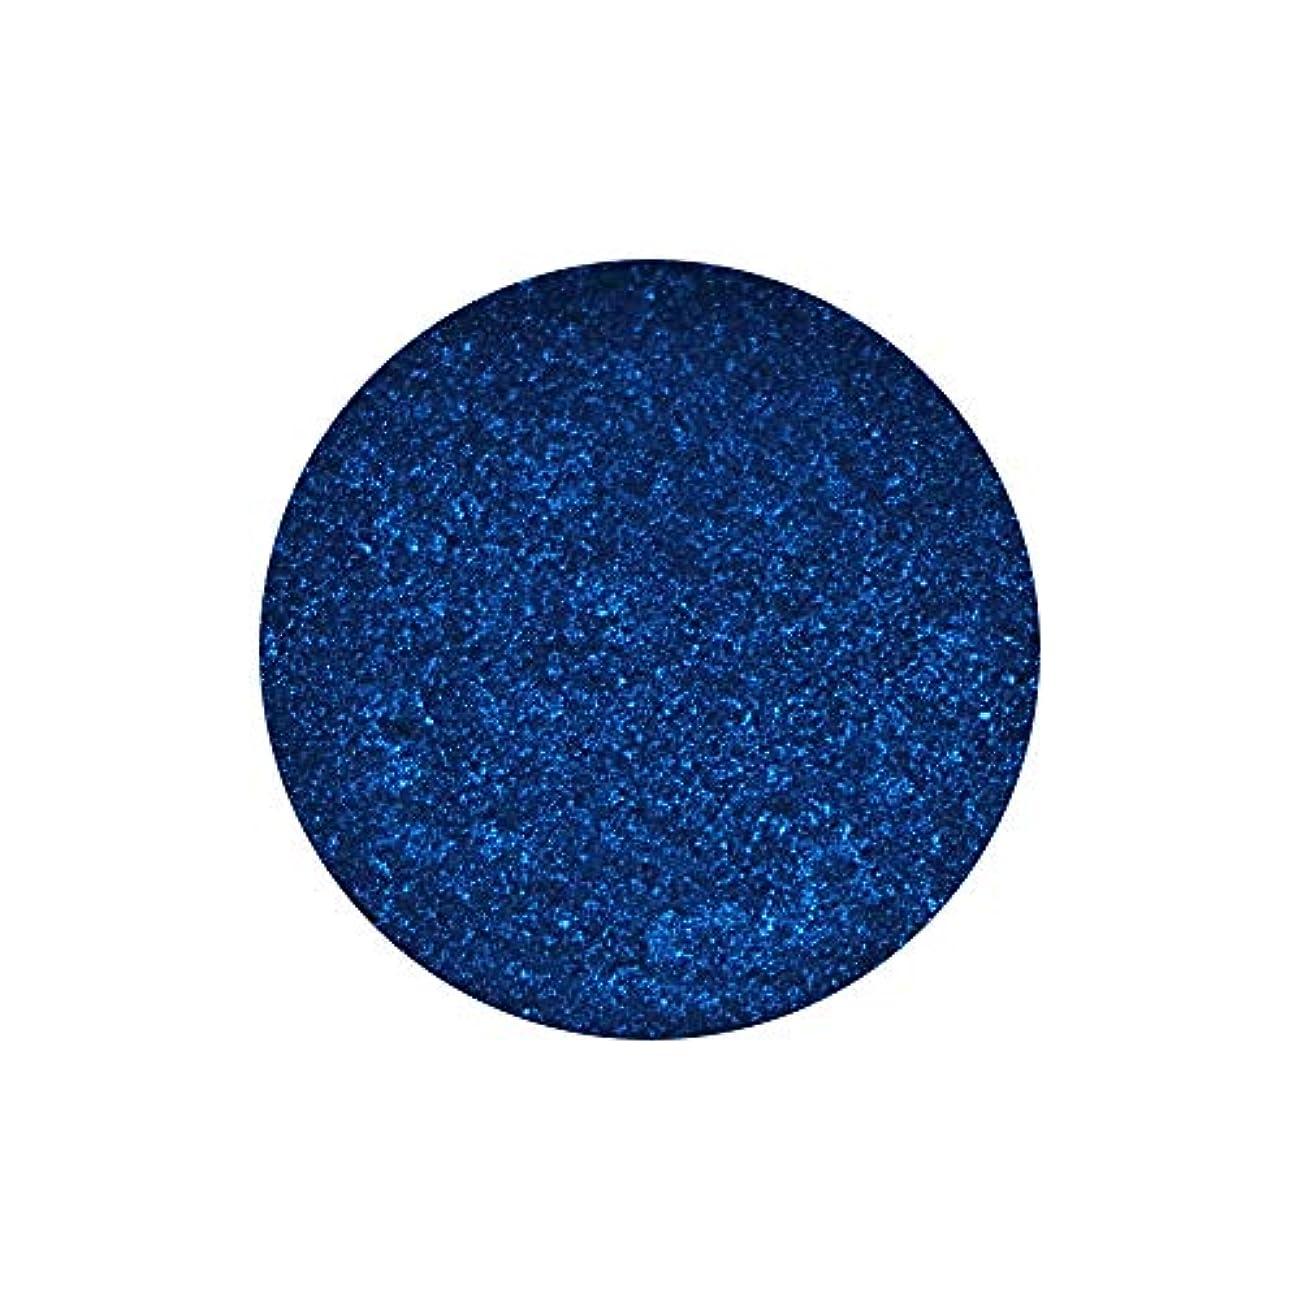 発明する輝度染料ネイルアート 寒色系カラーメタリックパウダー チップ付き【ライトブルー】ミラーパウダー クロムパウダー メタリックネイル